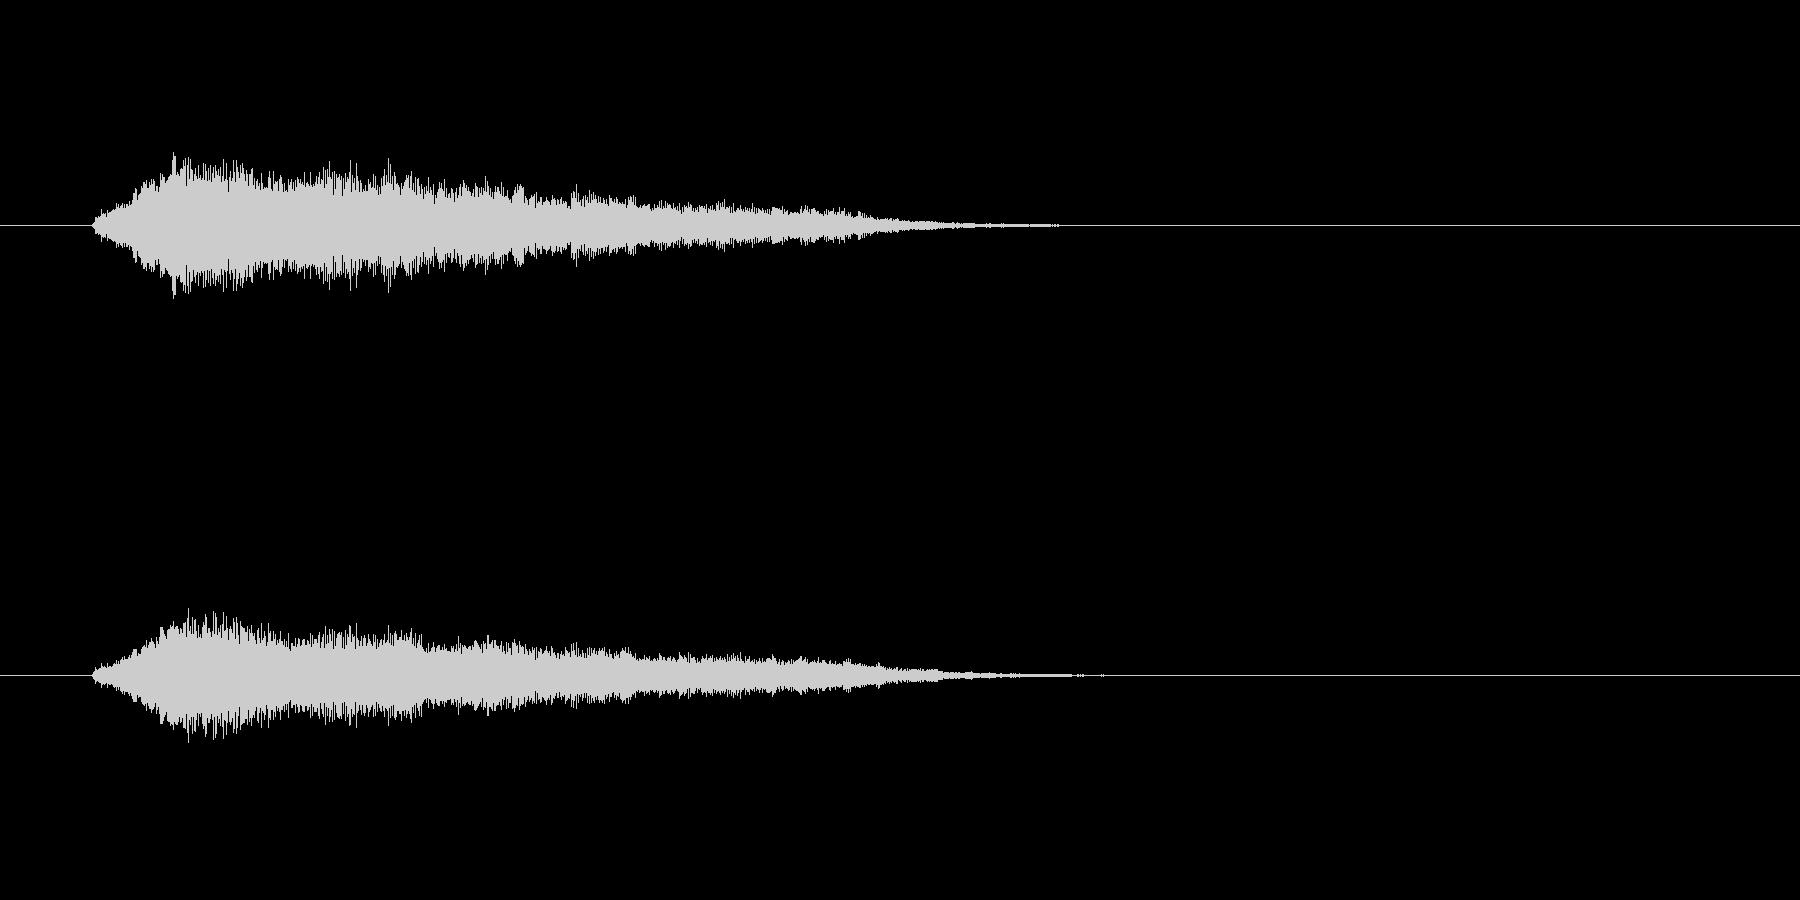 ジングル(SE系)の未再生の波形